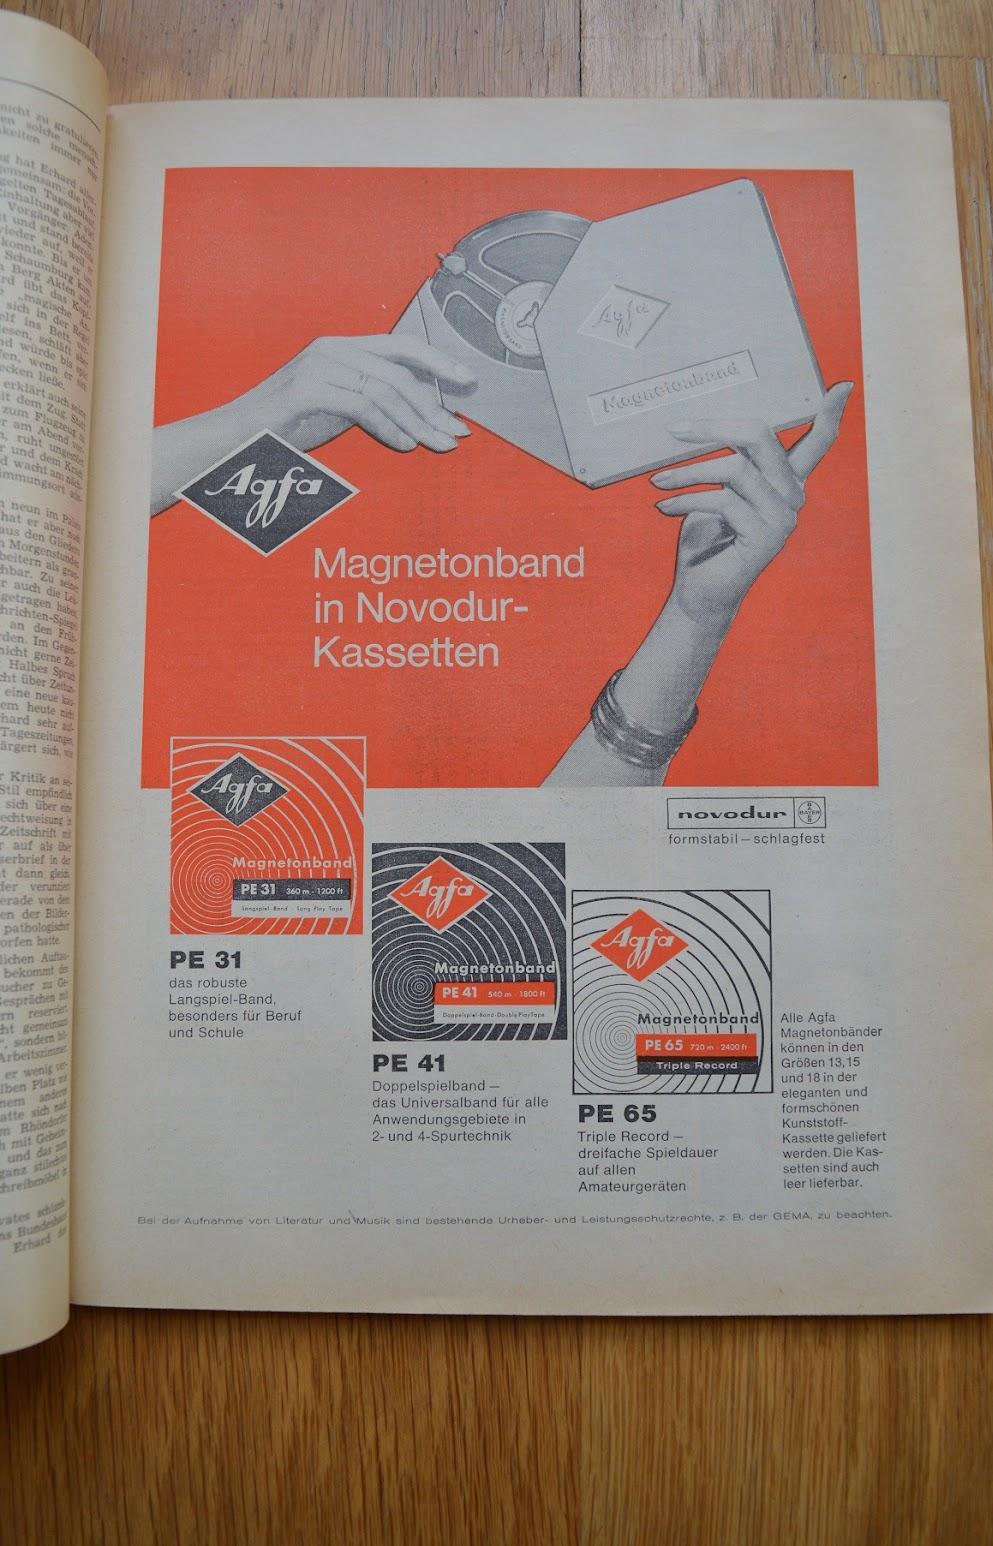 DER SPIEGEL, 29. April 1964 - Werbung für Tonbänder